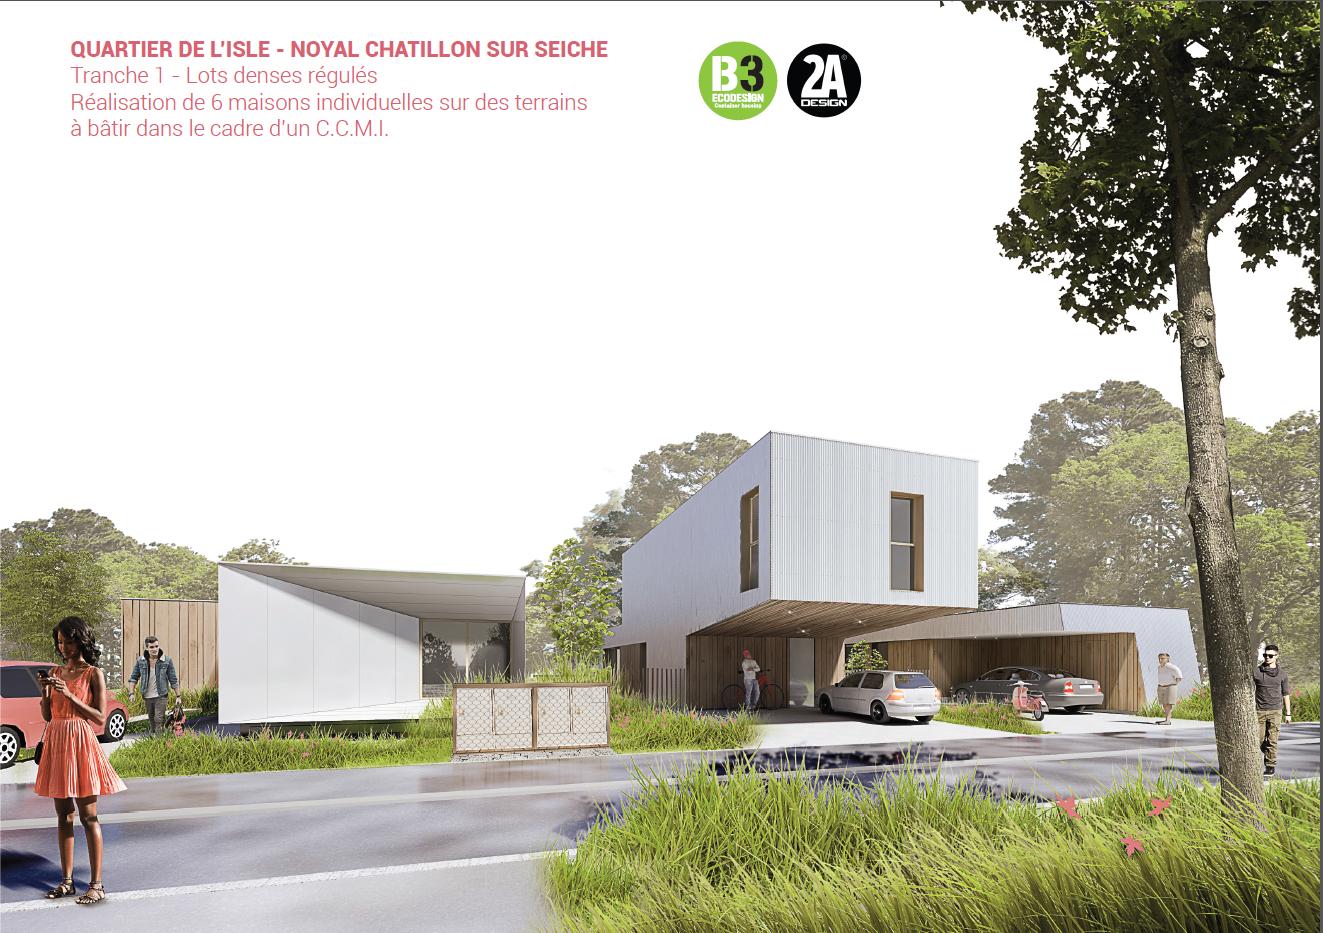 Visuel des maisons réalisées par B3ecodesign